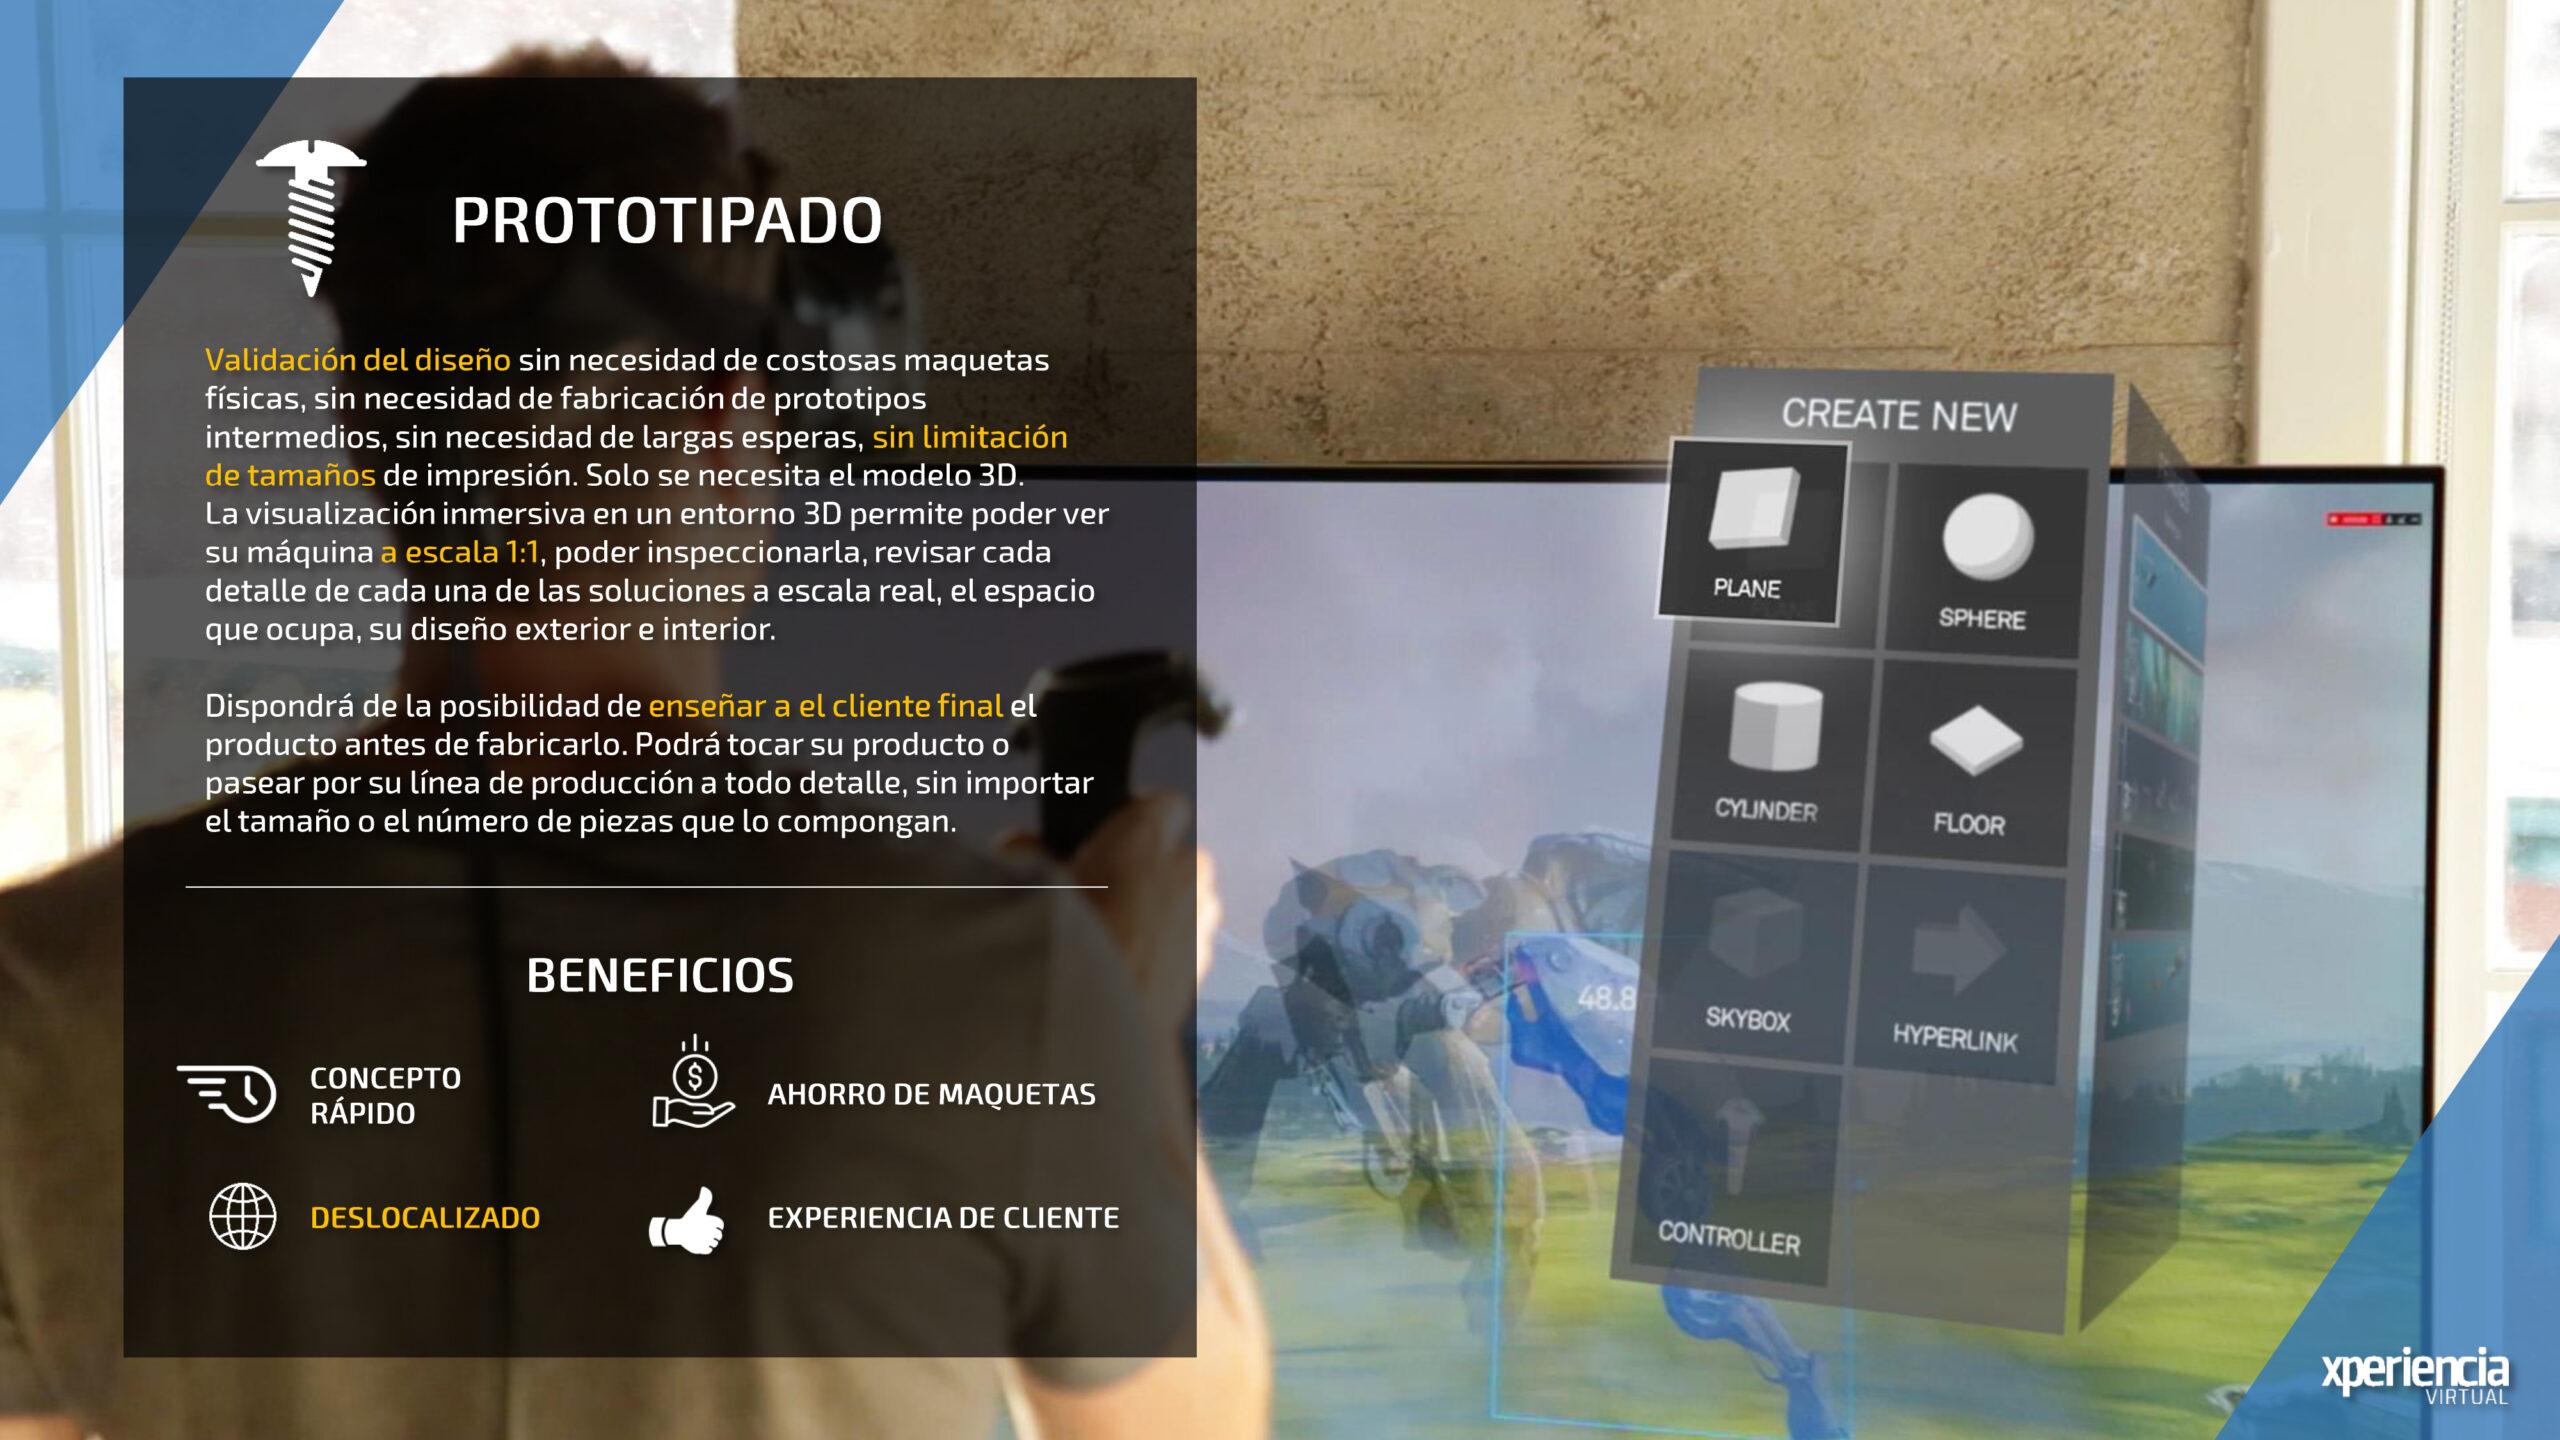 Prototipado Realidad Virtual Realidad Aumentada Industria 4.0